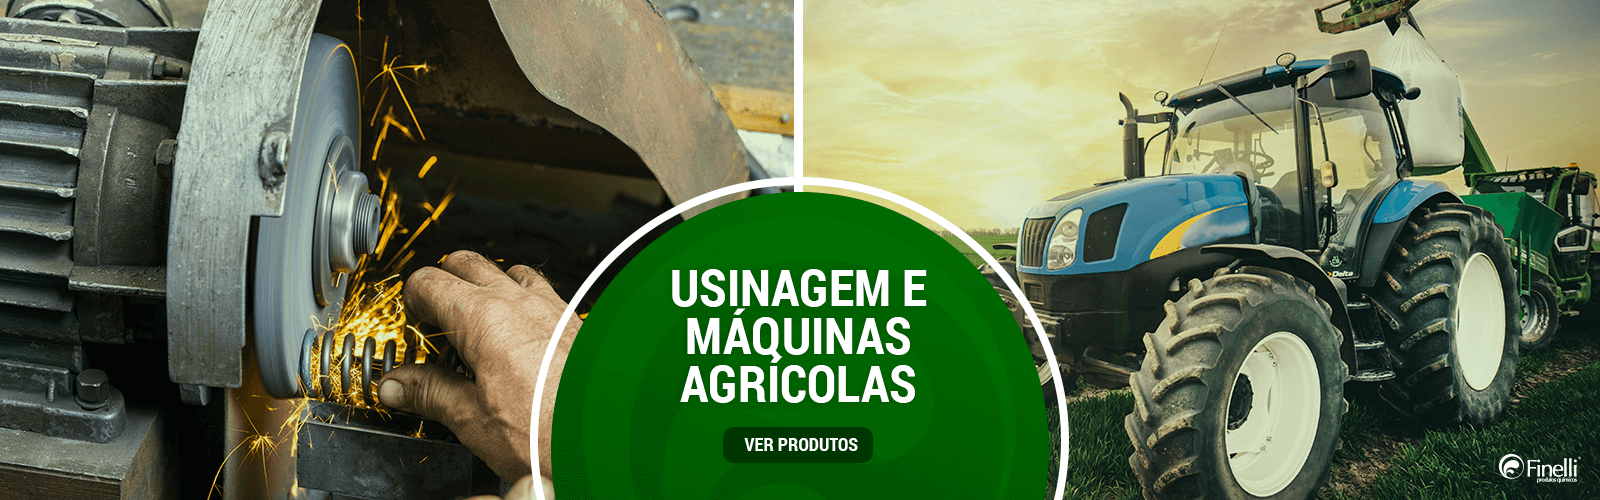 Usinagem e Agricola